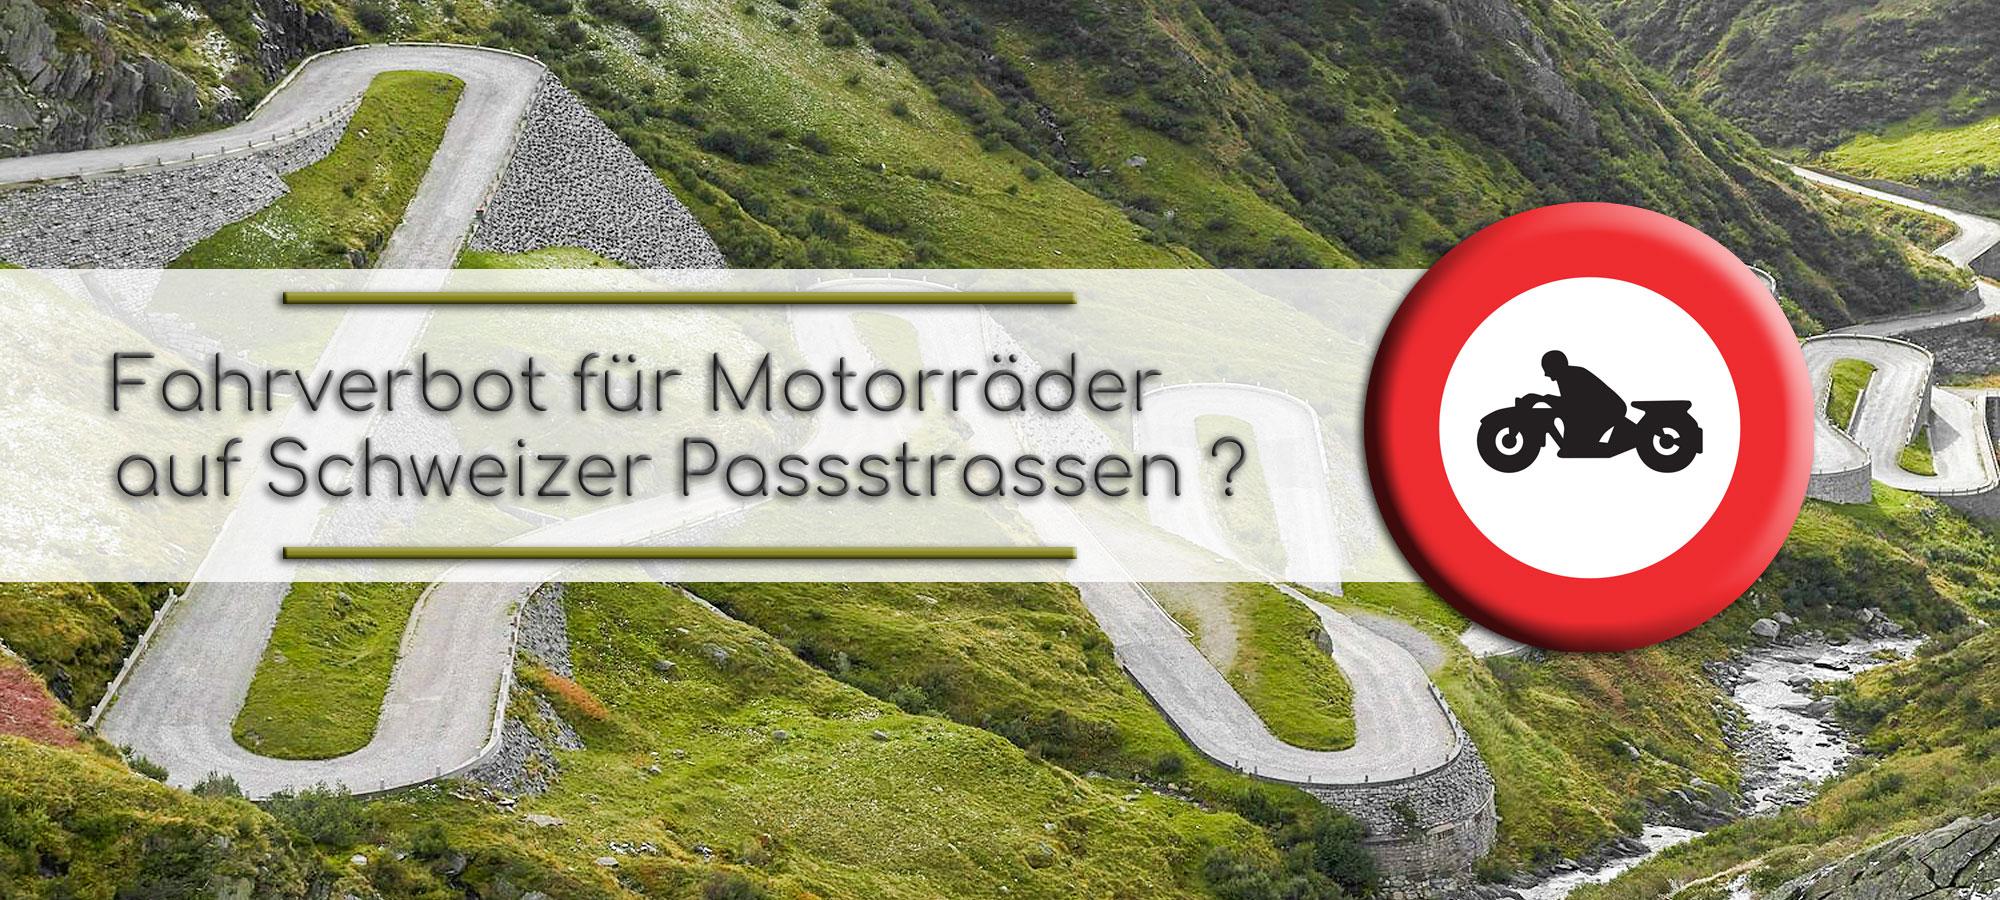 Ein Ausschnit der Tremola, der alten Postkutschenstrecke auf der Suedseite des Gotthardpasses. Etwas rechts ist ein Bild der Strassentafel 'Fahrverbot fuer Motorraeder'. Im Textfeld steht geschrieben: Fahrverbot fuer Motorraeder auf Schweizer Passstrassen?